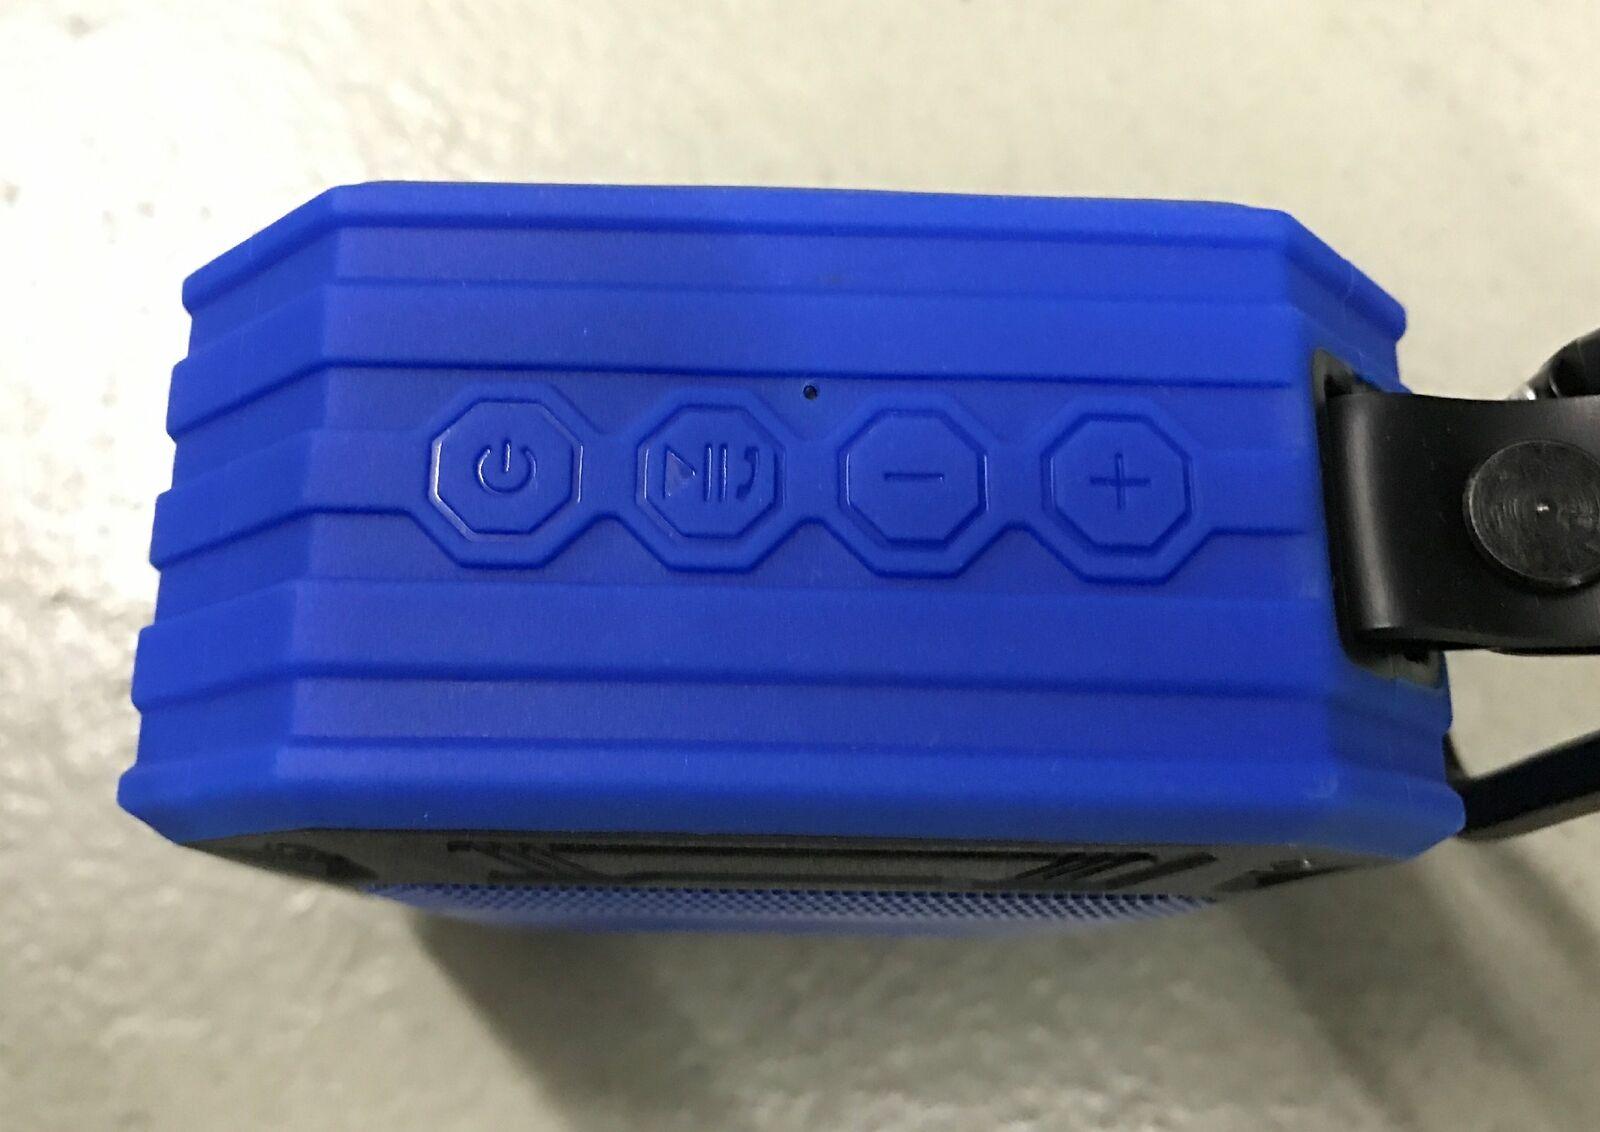 Full Size of Bluetooth Lautsprecher Dusche 5e4c717a63d6a Eckeinstieg Bidet Breuer Duschen Pendeltür Begehbare Bodengleiche Einbauen Fliesen Mischbatterie Hüppe Anal Dusche Bluetooth Lautsprecher Dusche